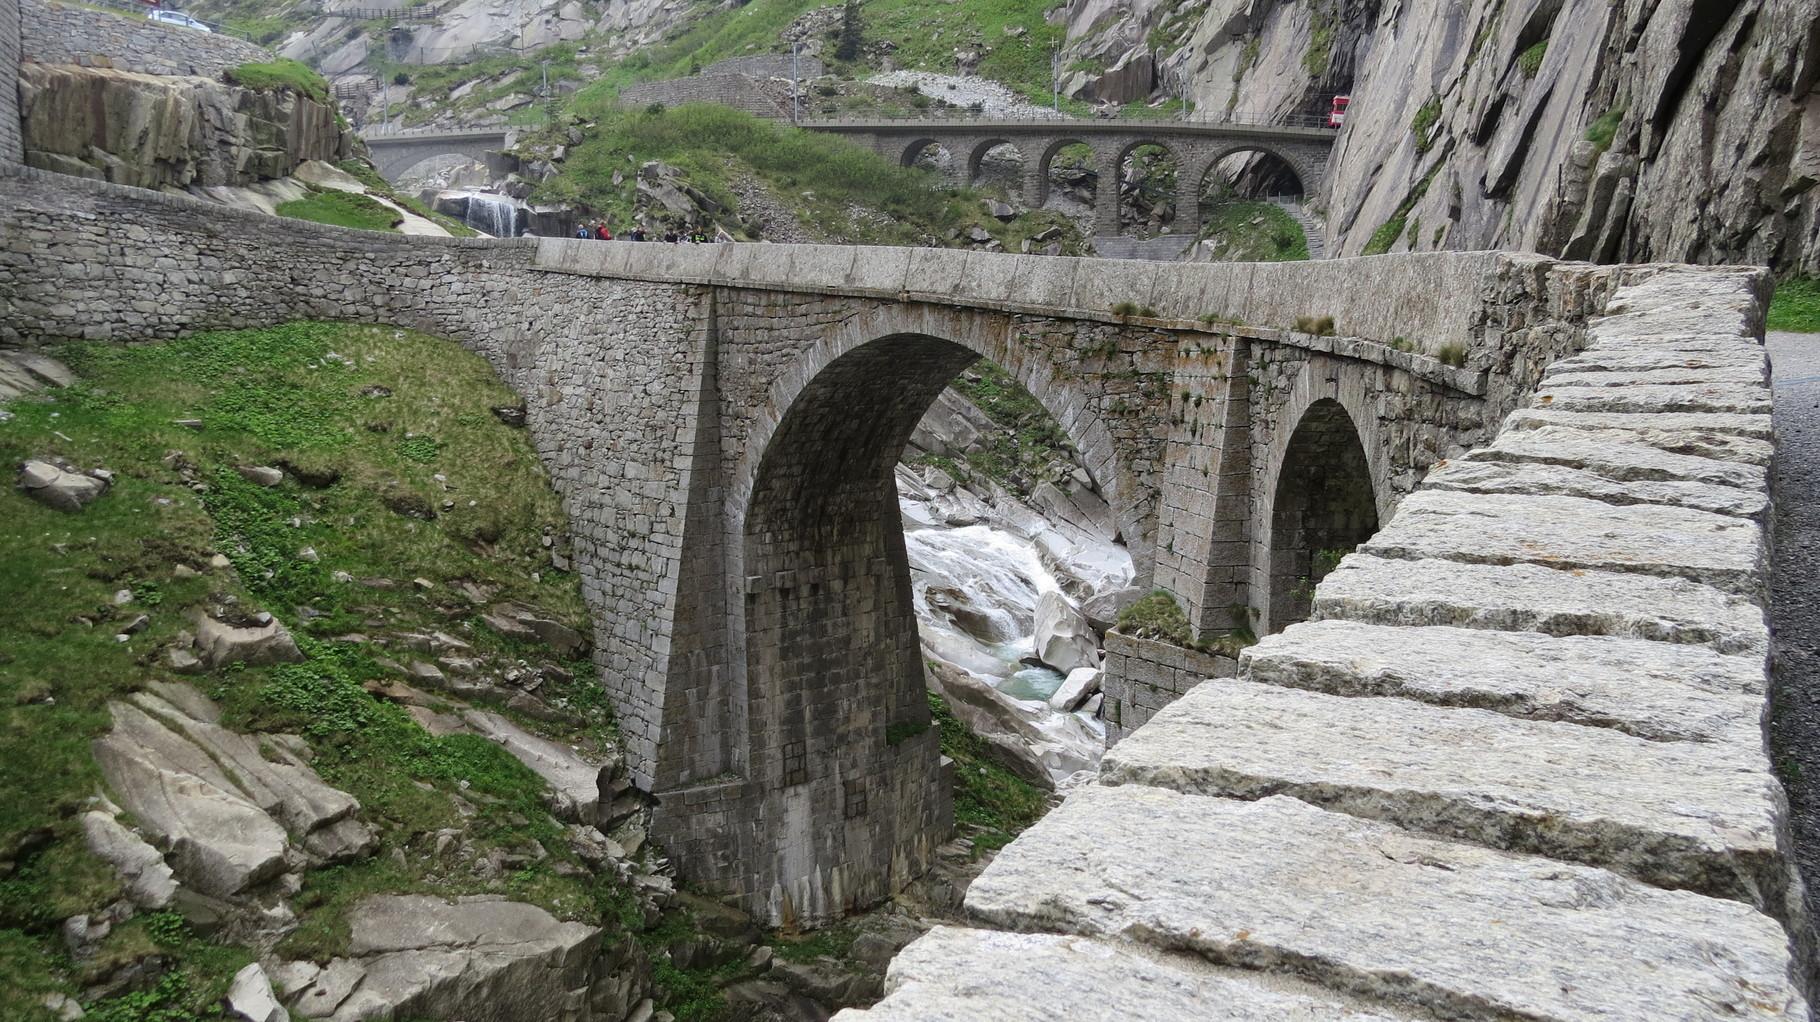 красноярске, купить фотографии чертова моста в альпах зимой профессионала